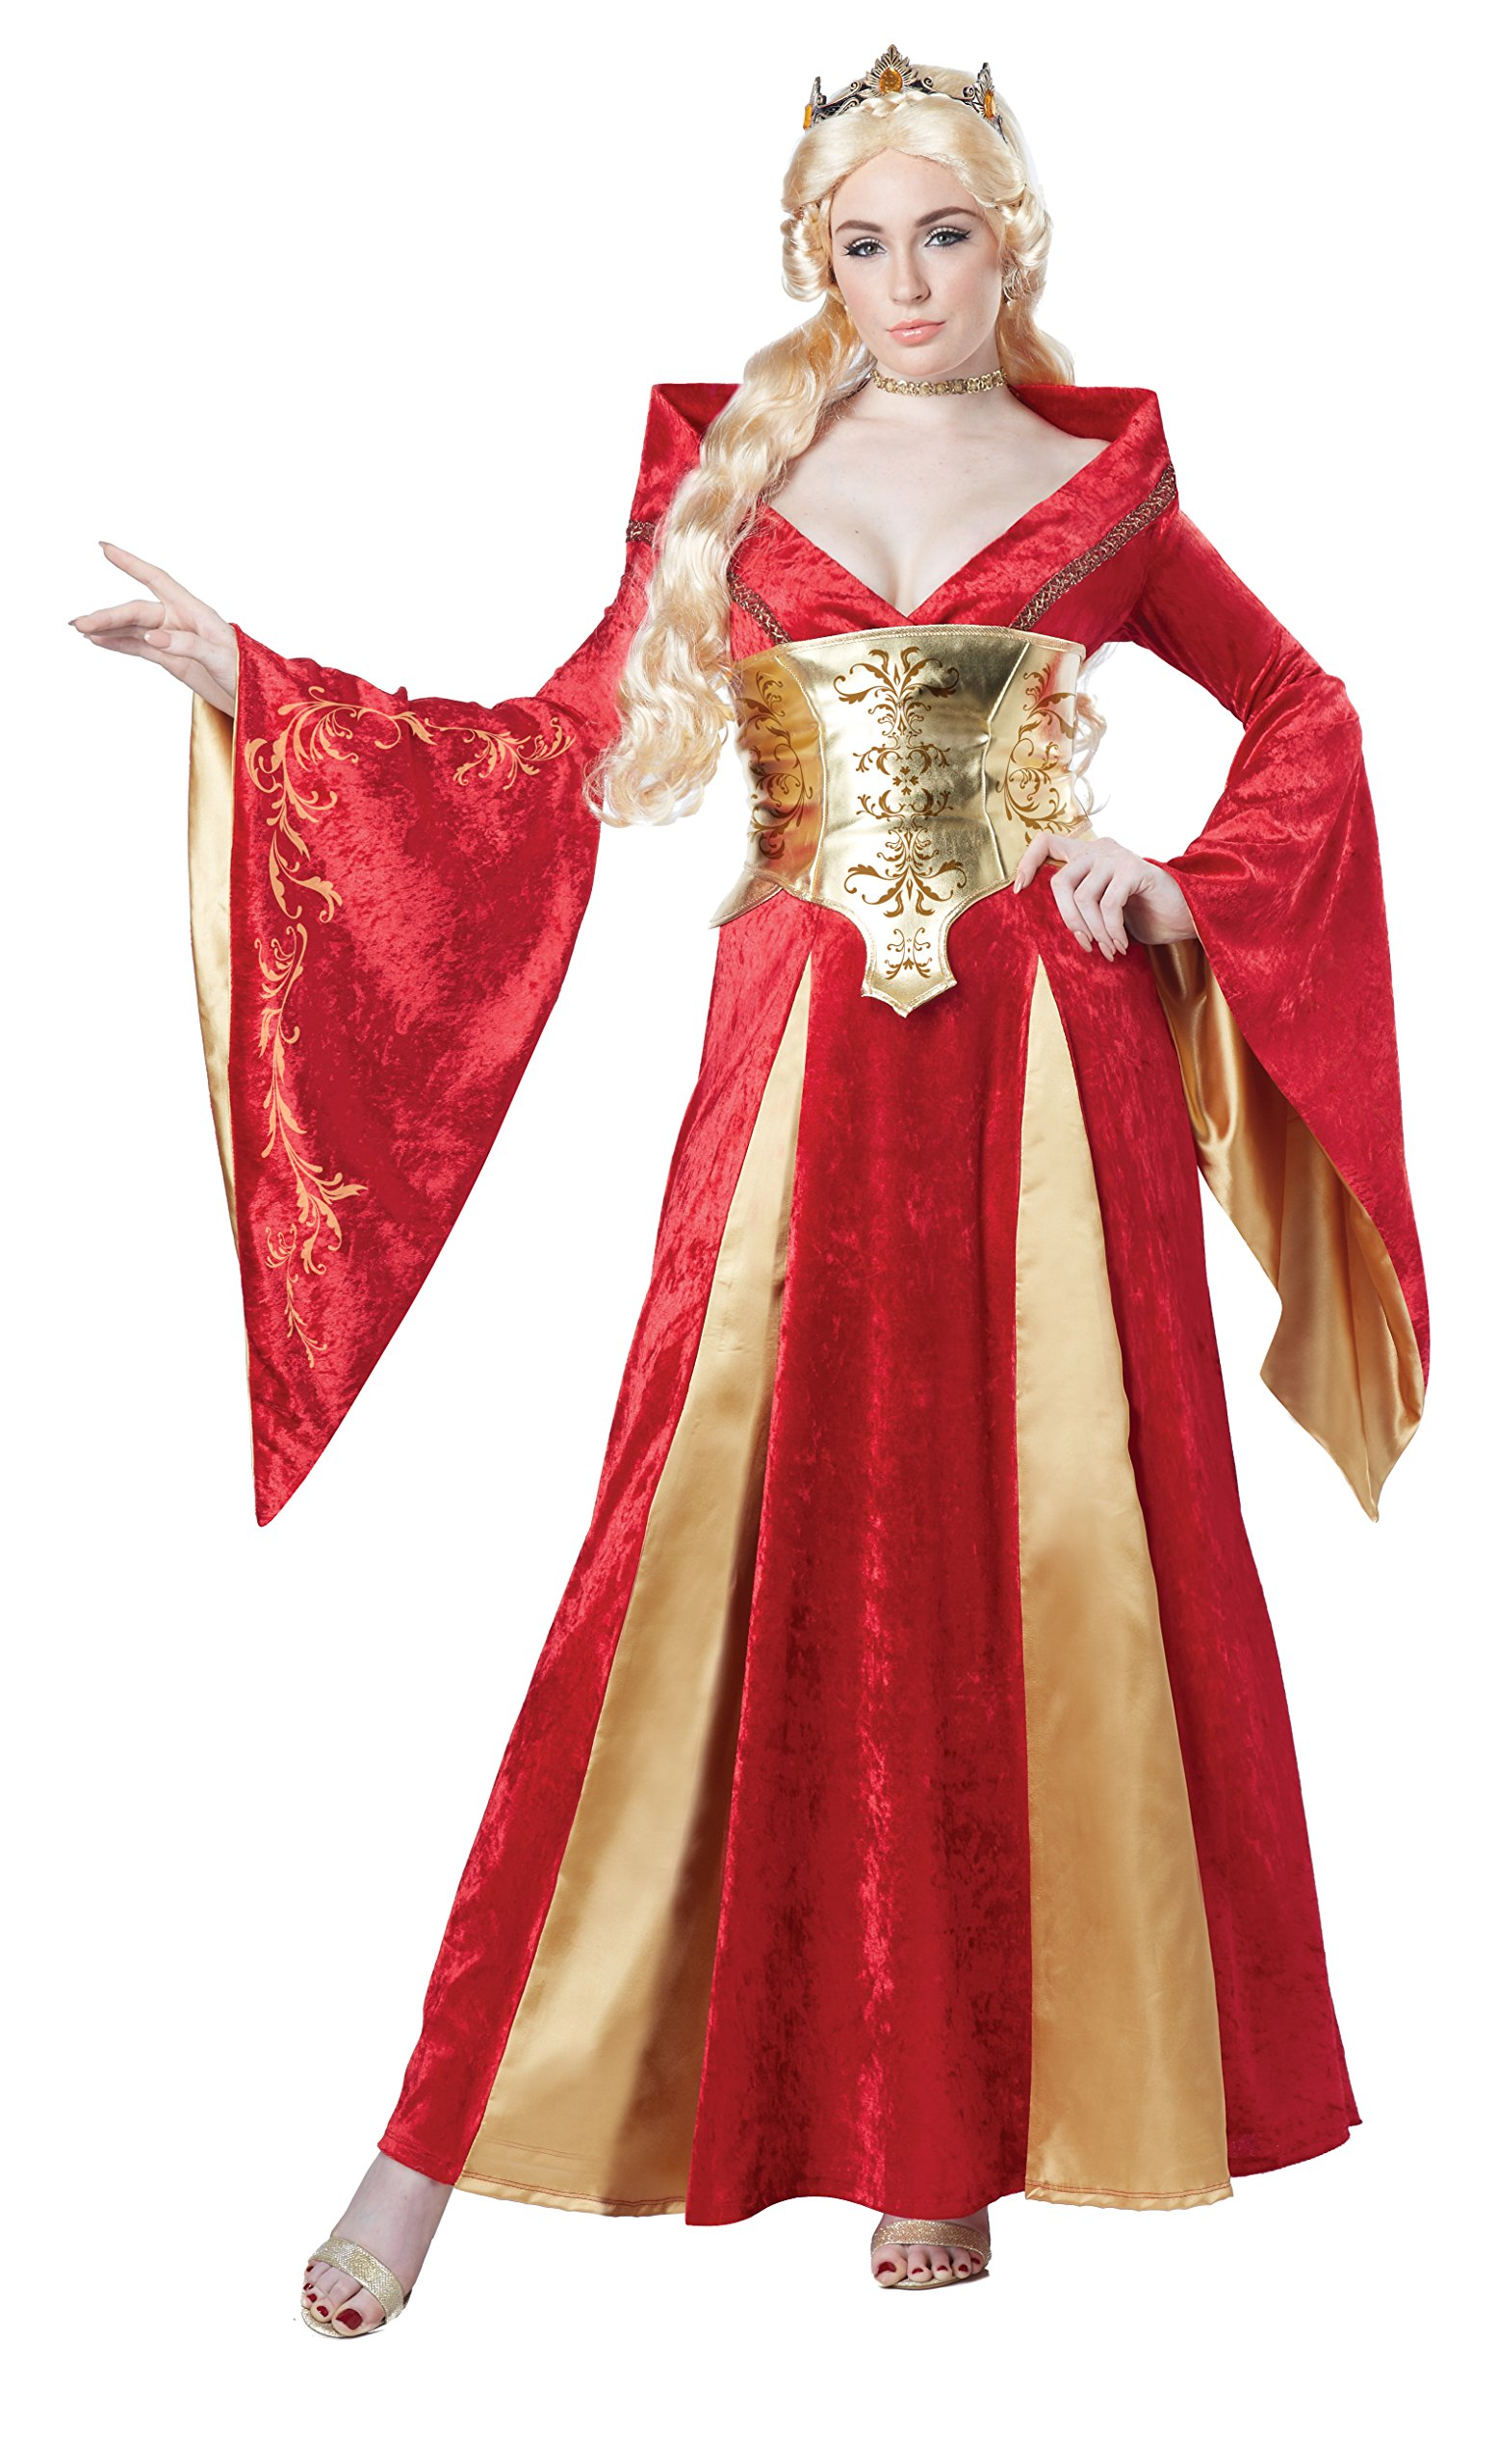 California-Costumes-Medieval-Queen-Adult-Costume